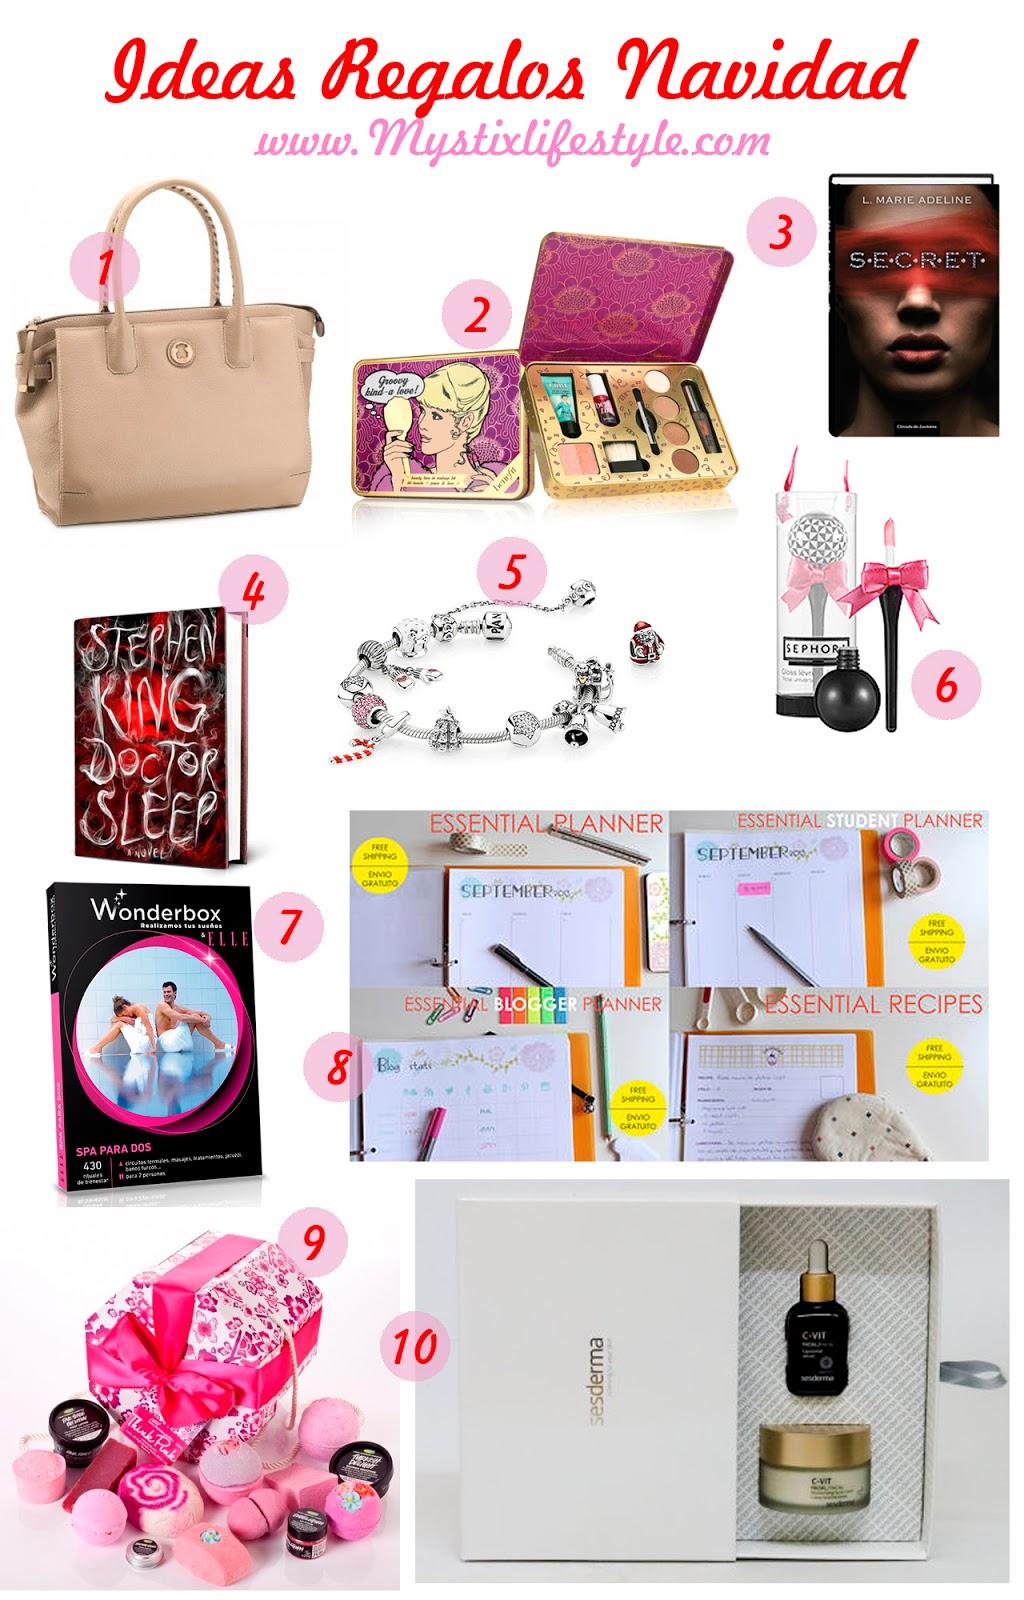 Qu regalar por Navidad 10 ideas regalo para madre hermana mujer